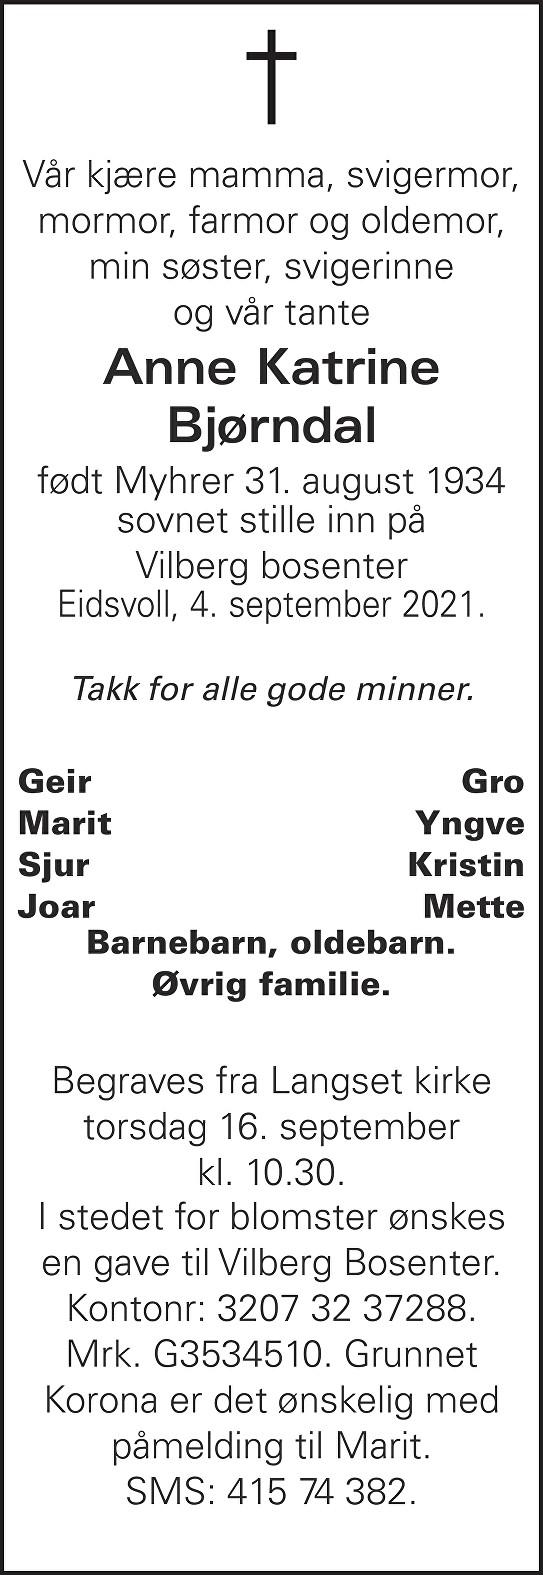 Anne Katrine Bjørndal Dødsannonse